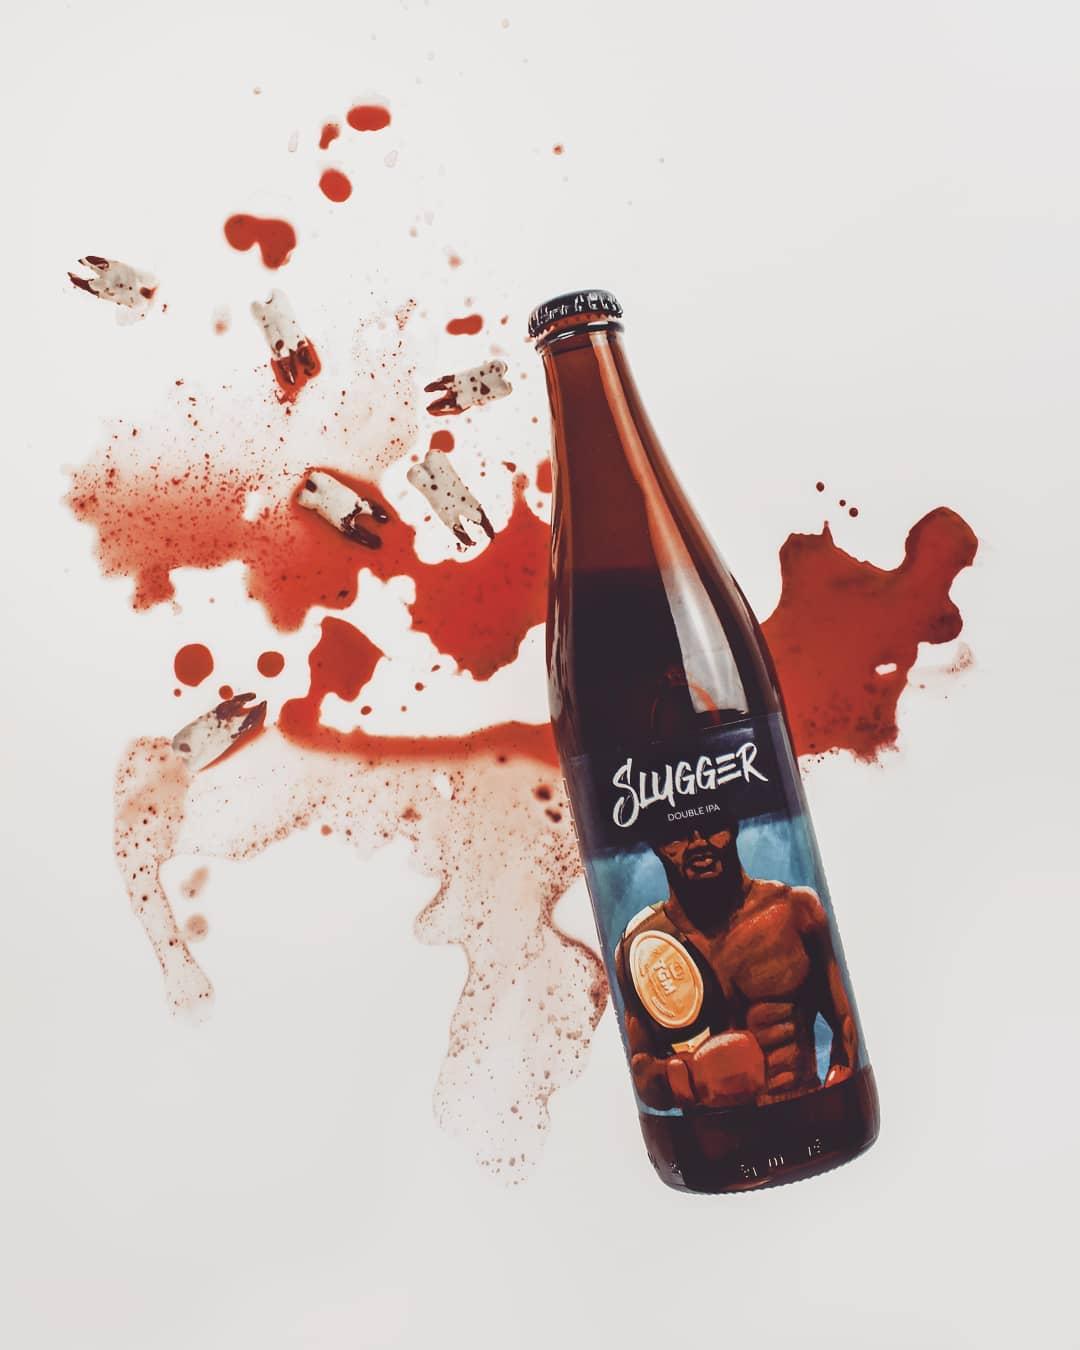 Slugger - The Garage Monks beer label illustration by Jakub Cichecki